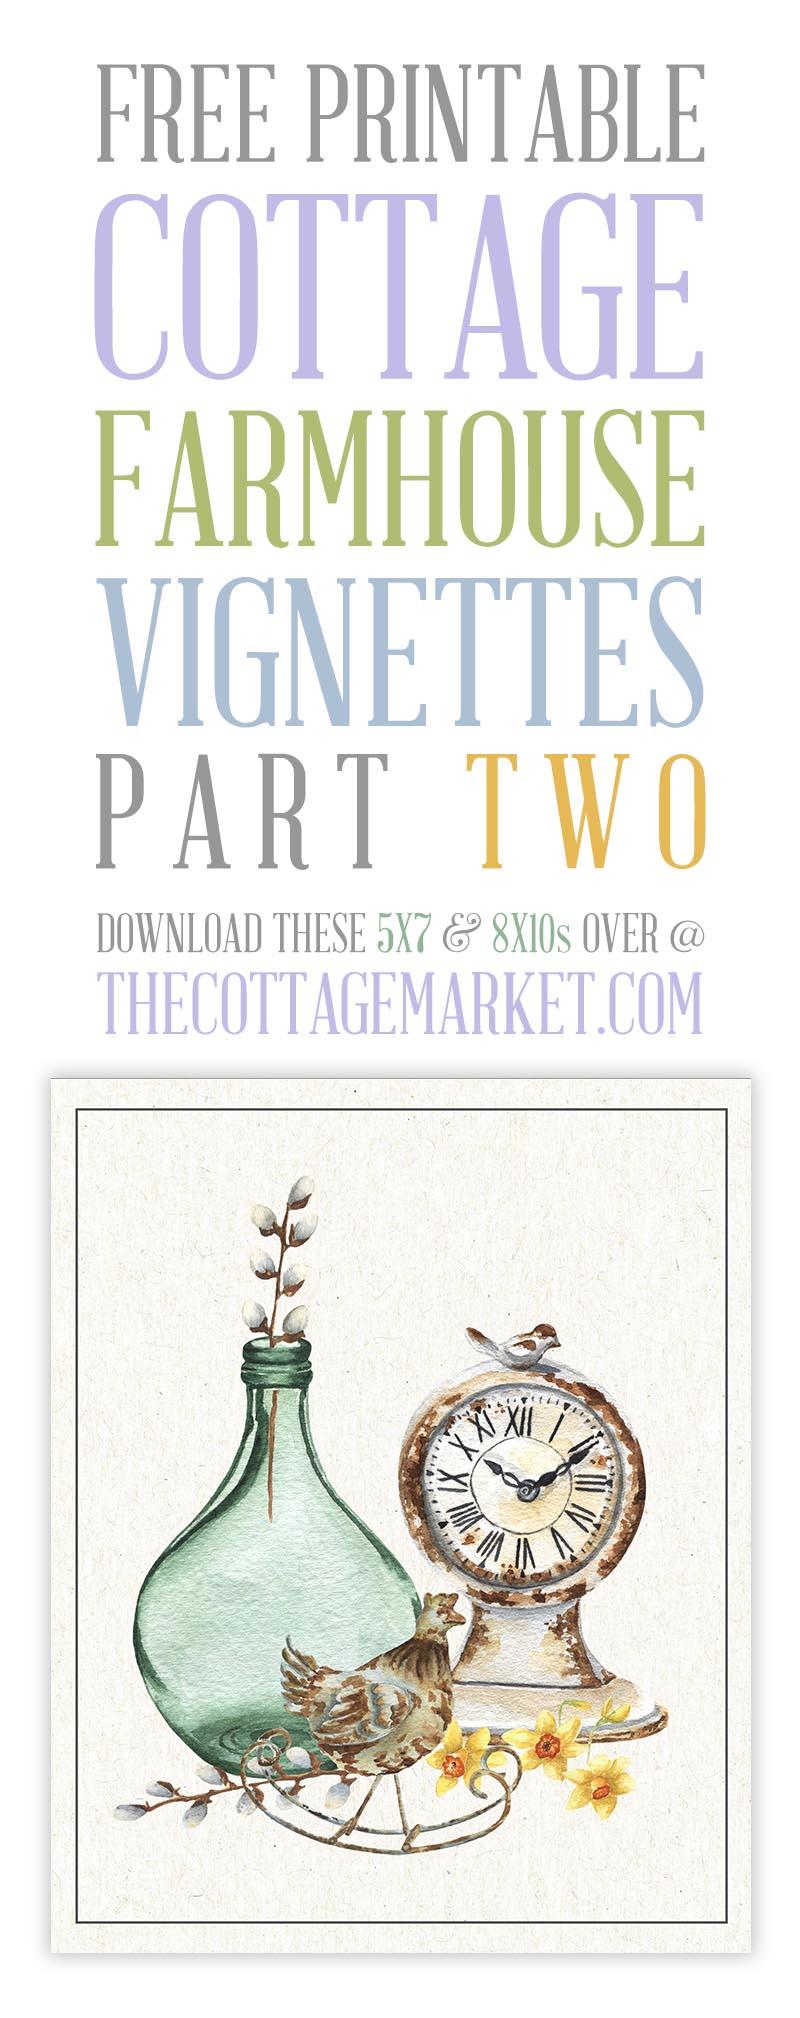 https://thecottagemarket.com/wp-content/uploads/2021/04/TCM-Cottage-Farmhouse-Vignettes-Paper-T.jpg